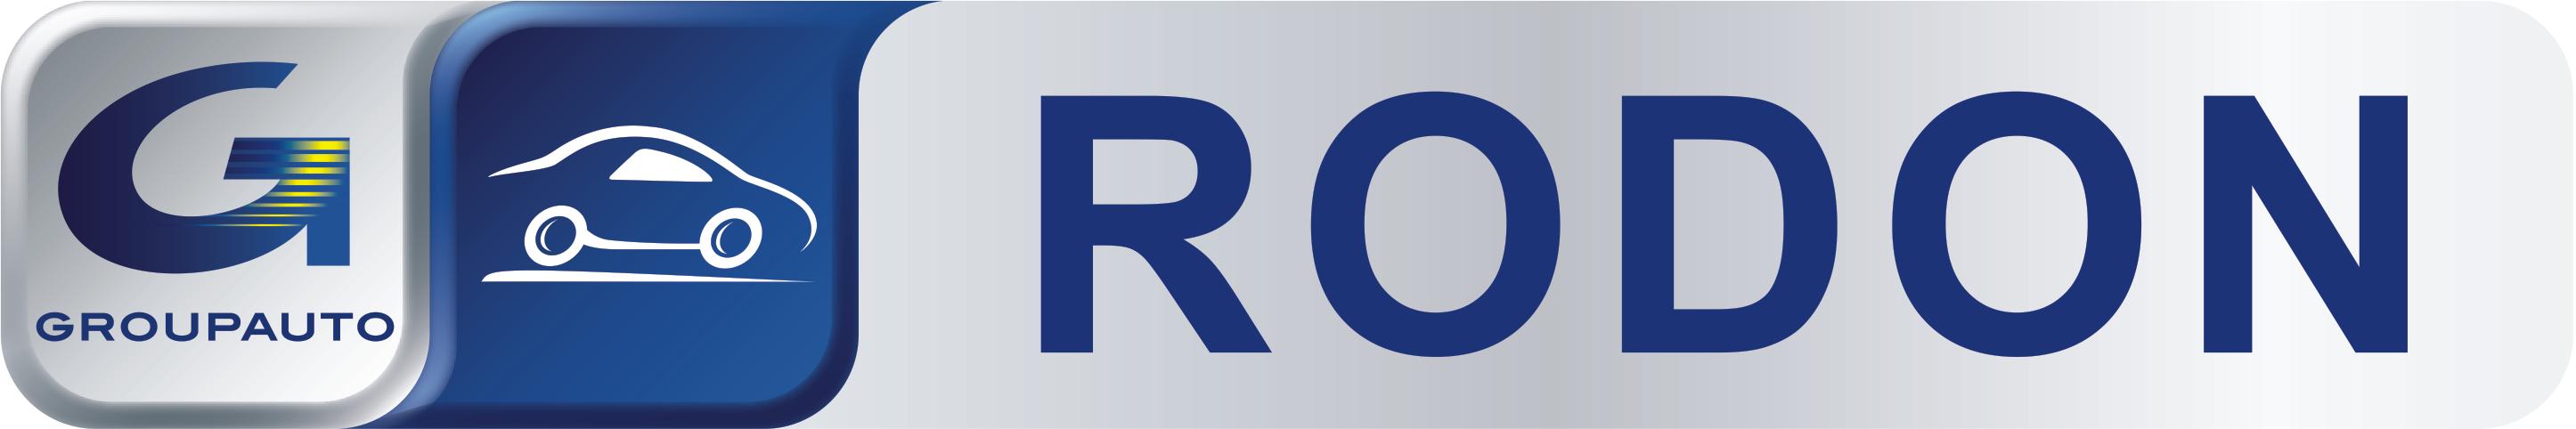 logo_003.png